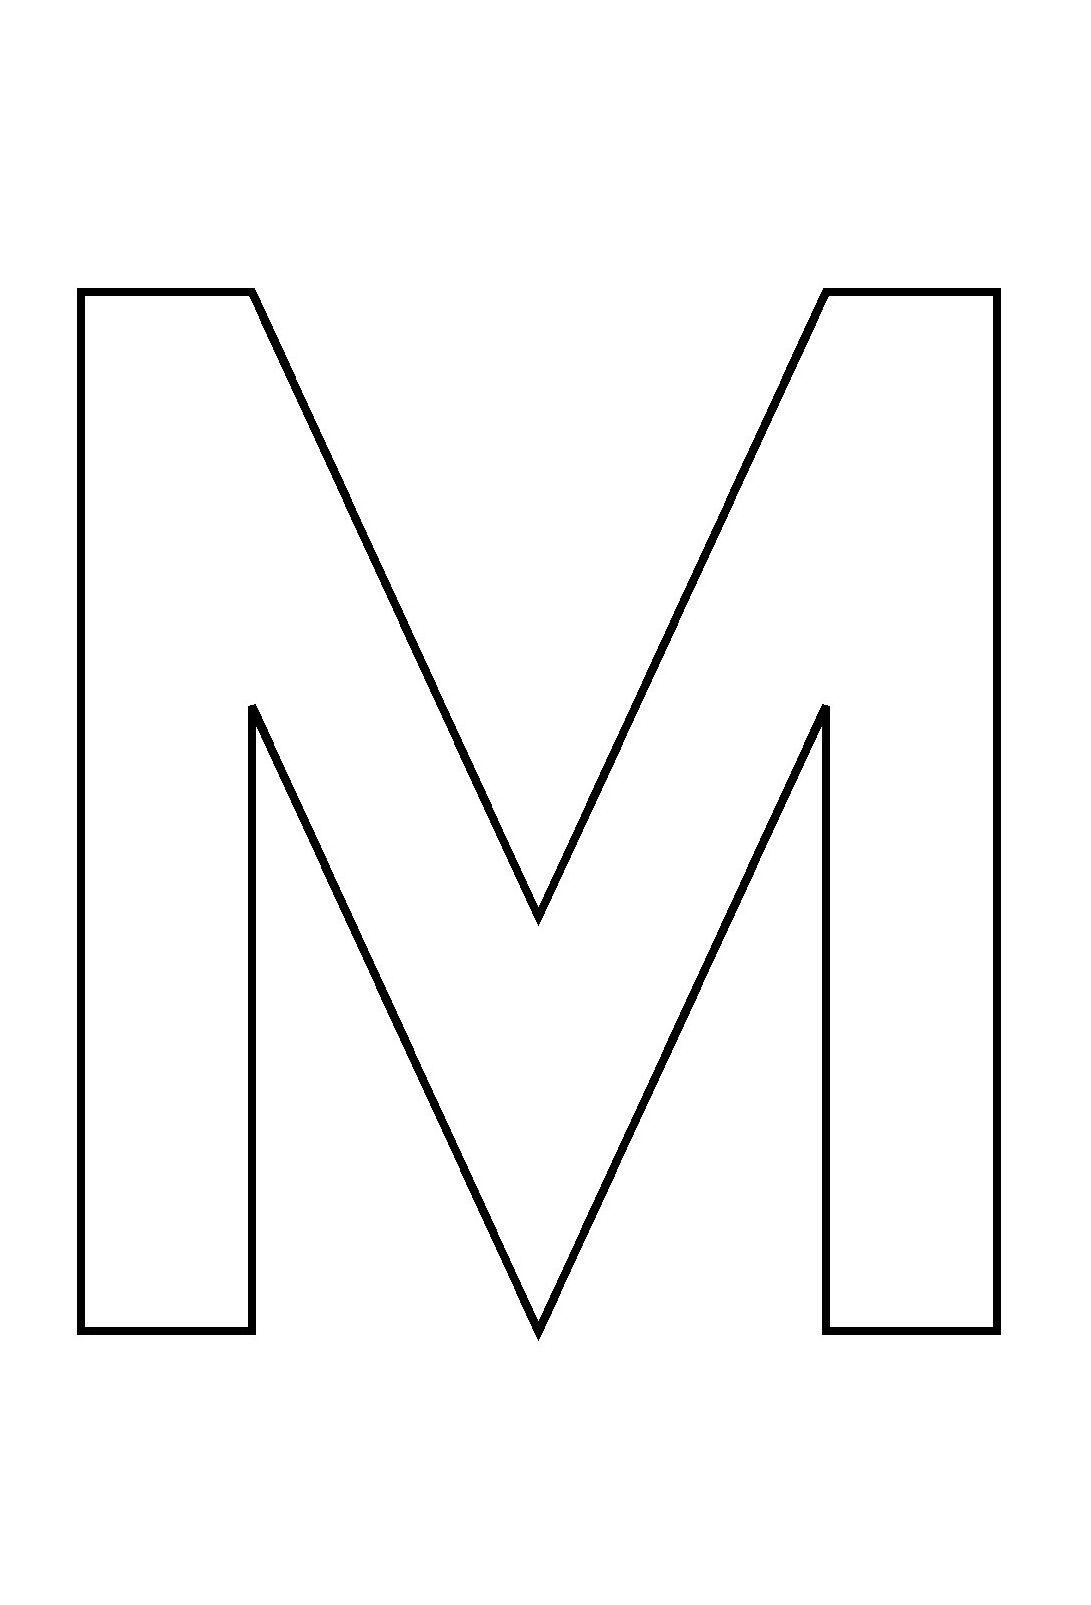 Coloriage imprimer chiffres et formes alphabet lettre l num ro 67205 ducation - Grande lettre alphabet a imprimer ...